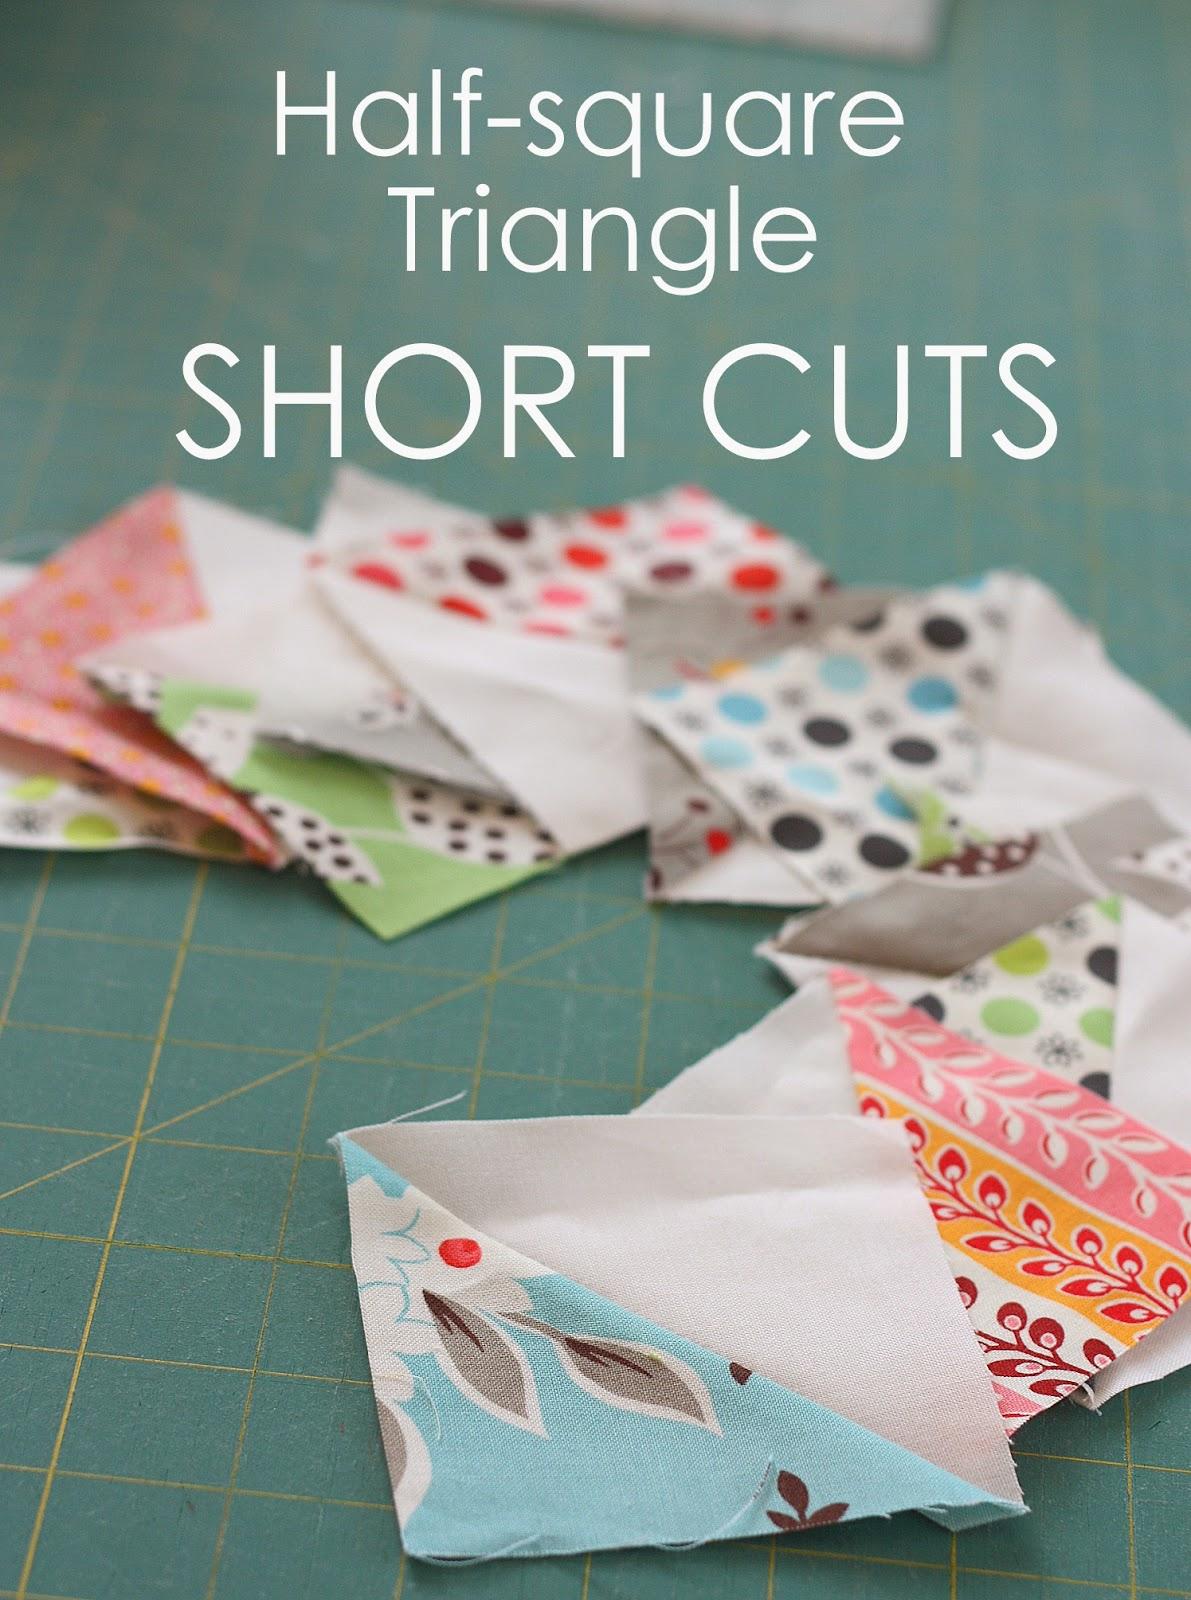 Half Square Triangle Short Cuts